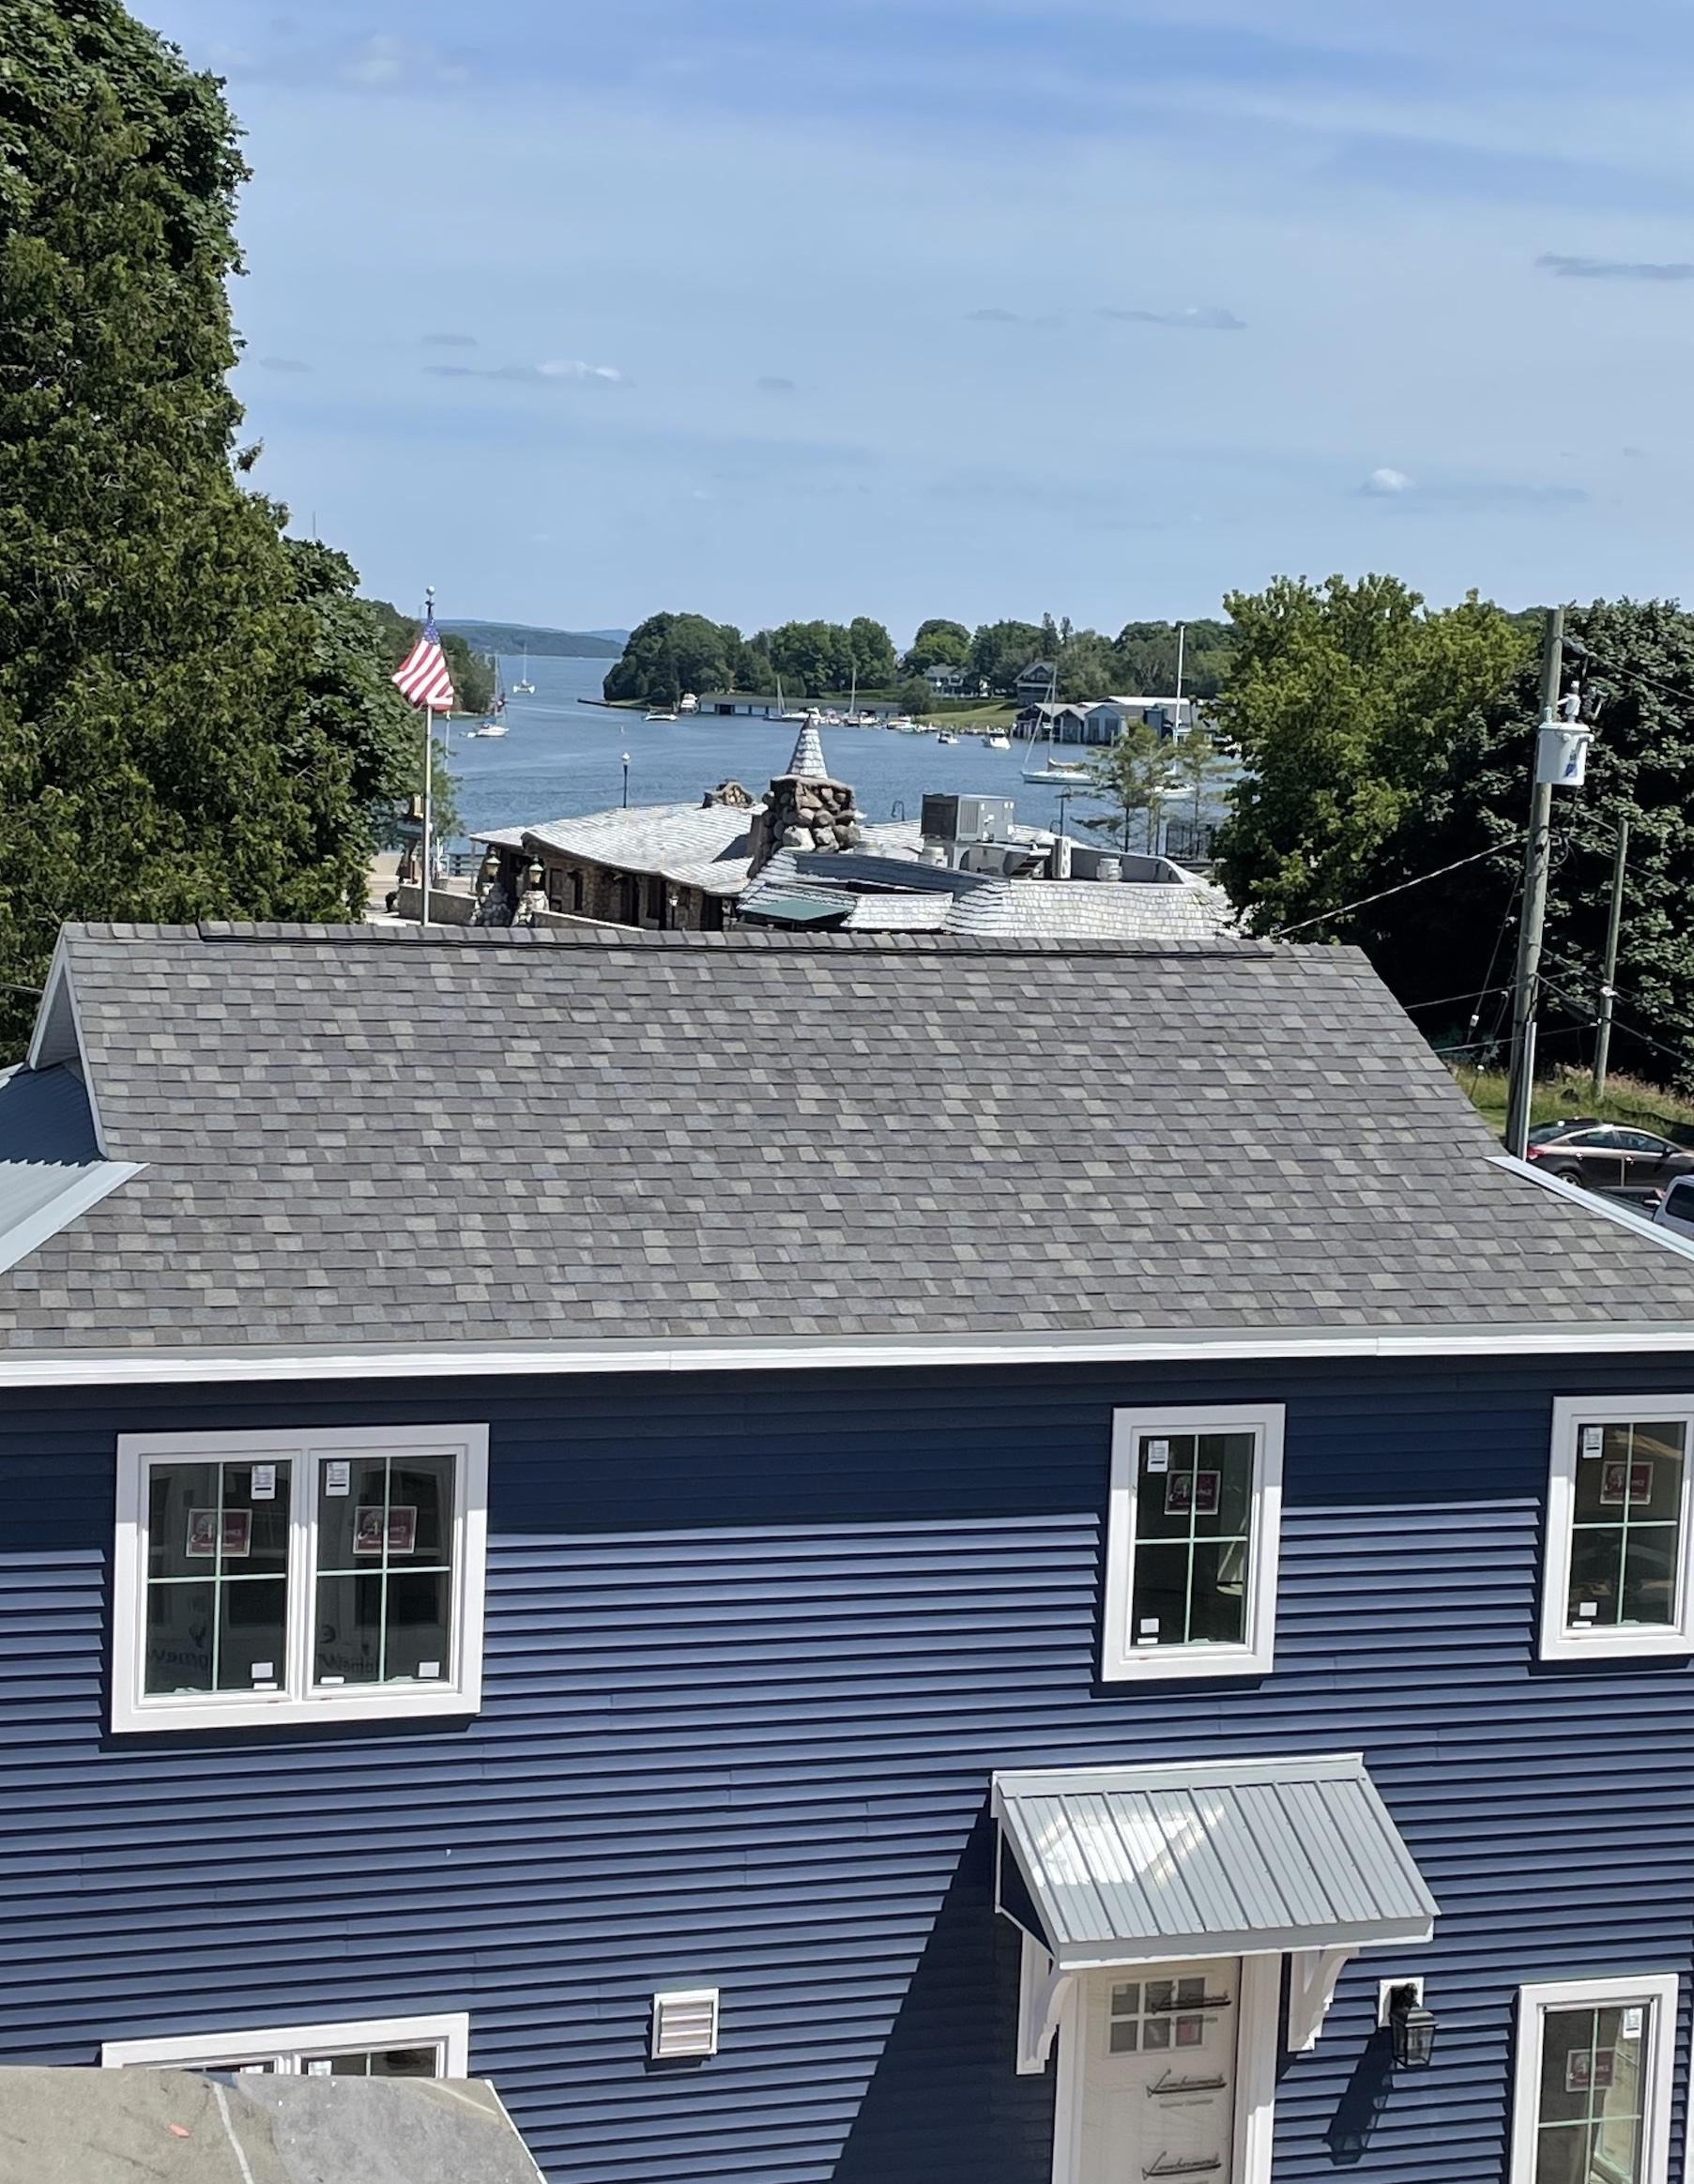 Riverwalk Cottages View